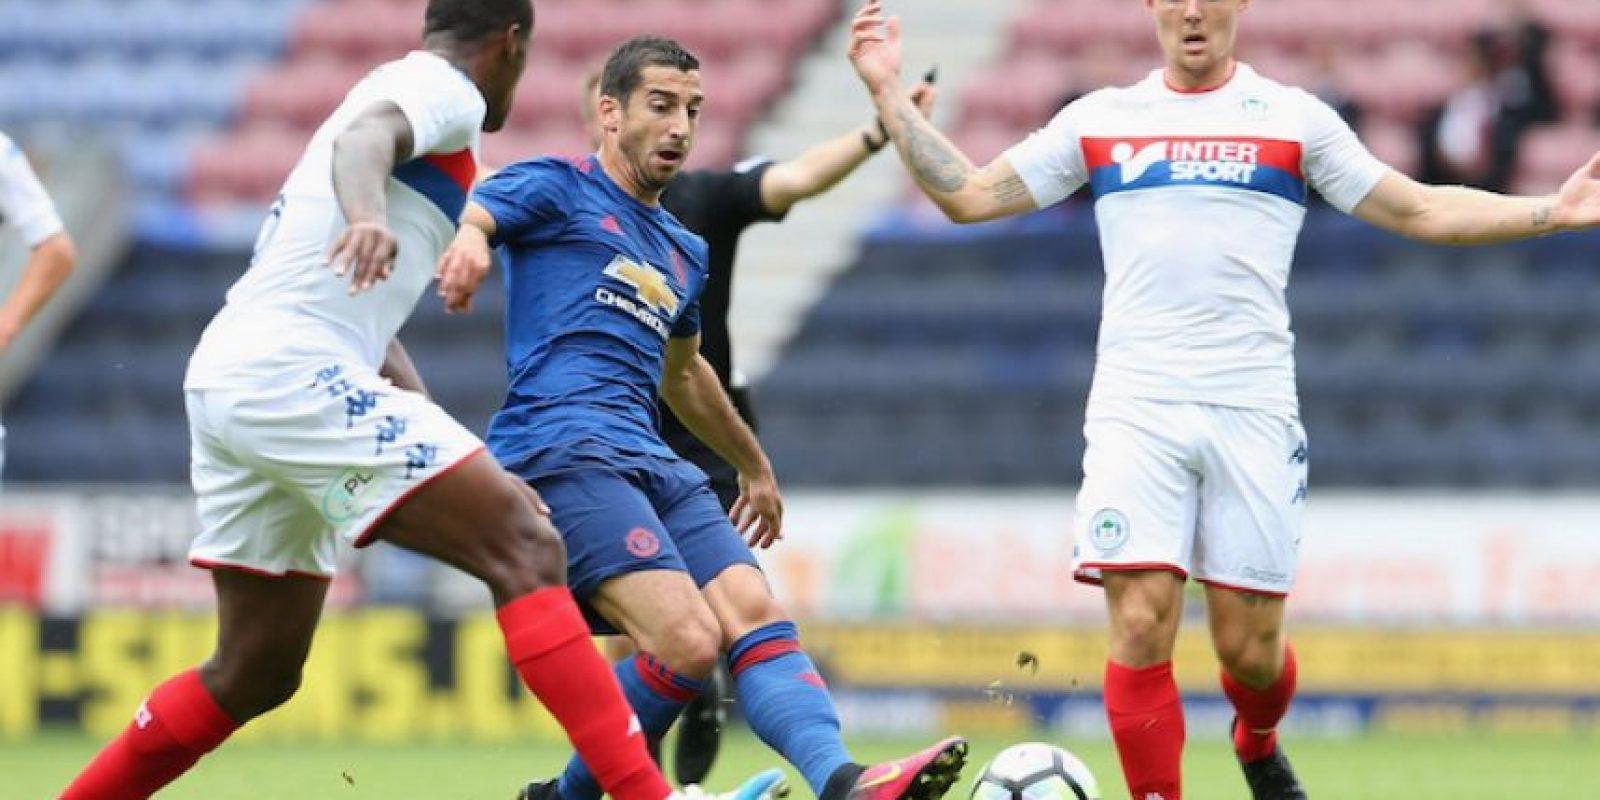 Mkhitaryan lució en su debut con los ingleses. Foto:Getty Images